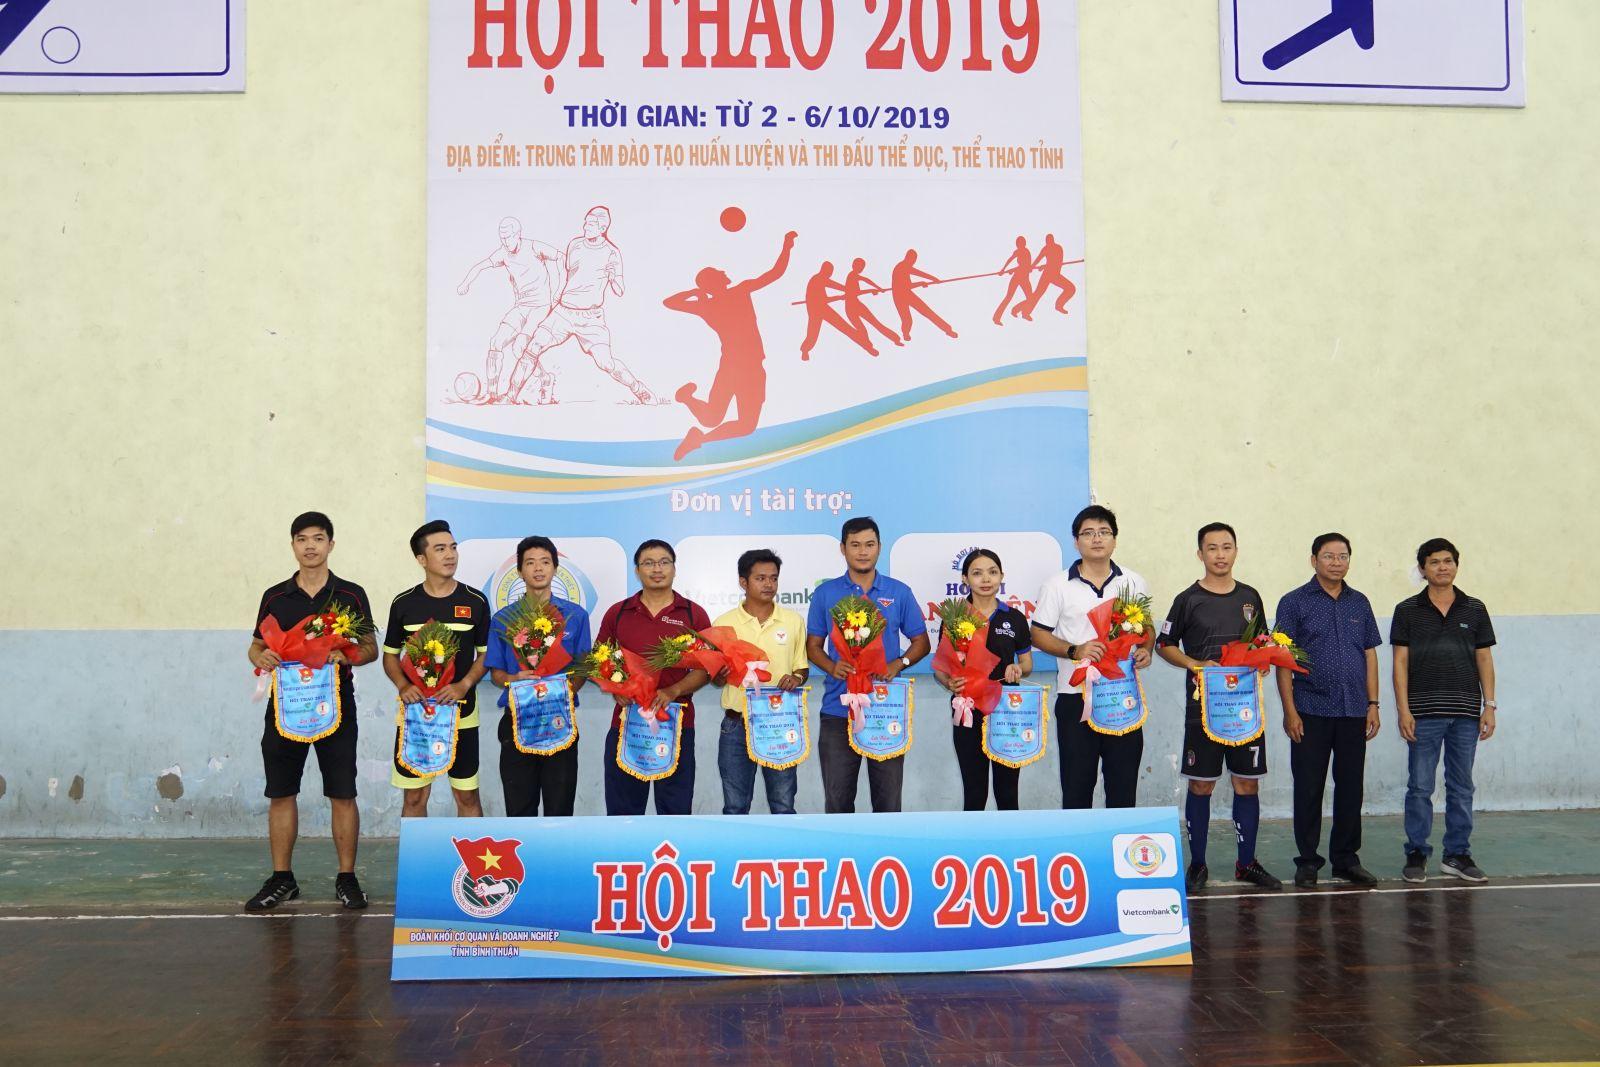 Hình Đoàn Khối cơ quan và doanh nghiệp tỉnh tổ chức Hội thao  năm 2019